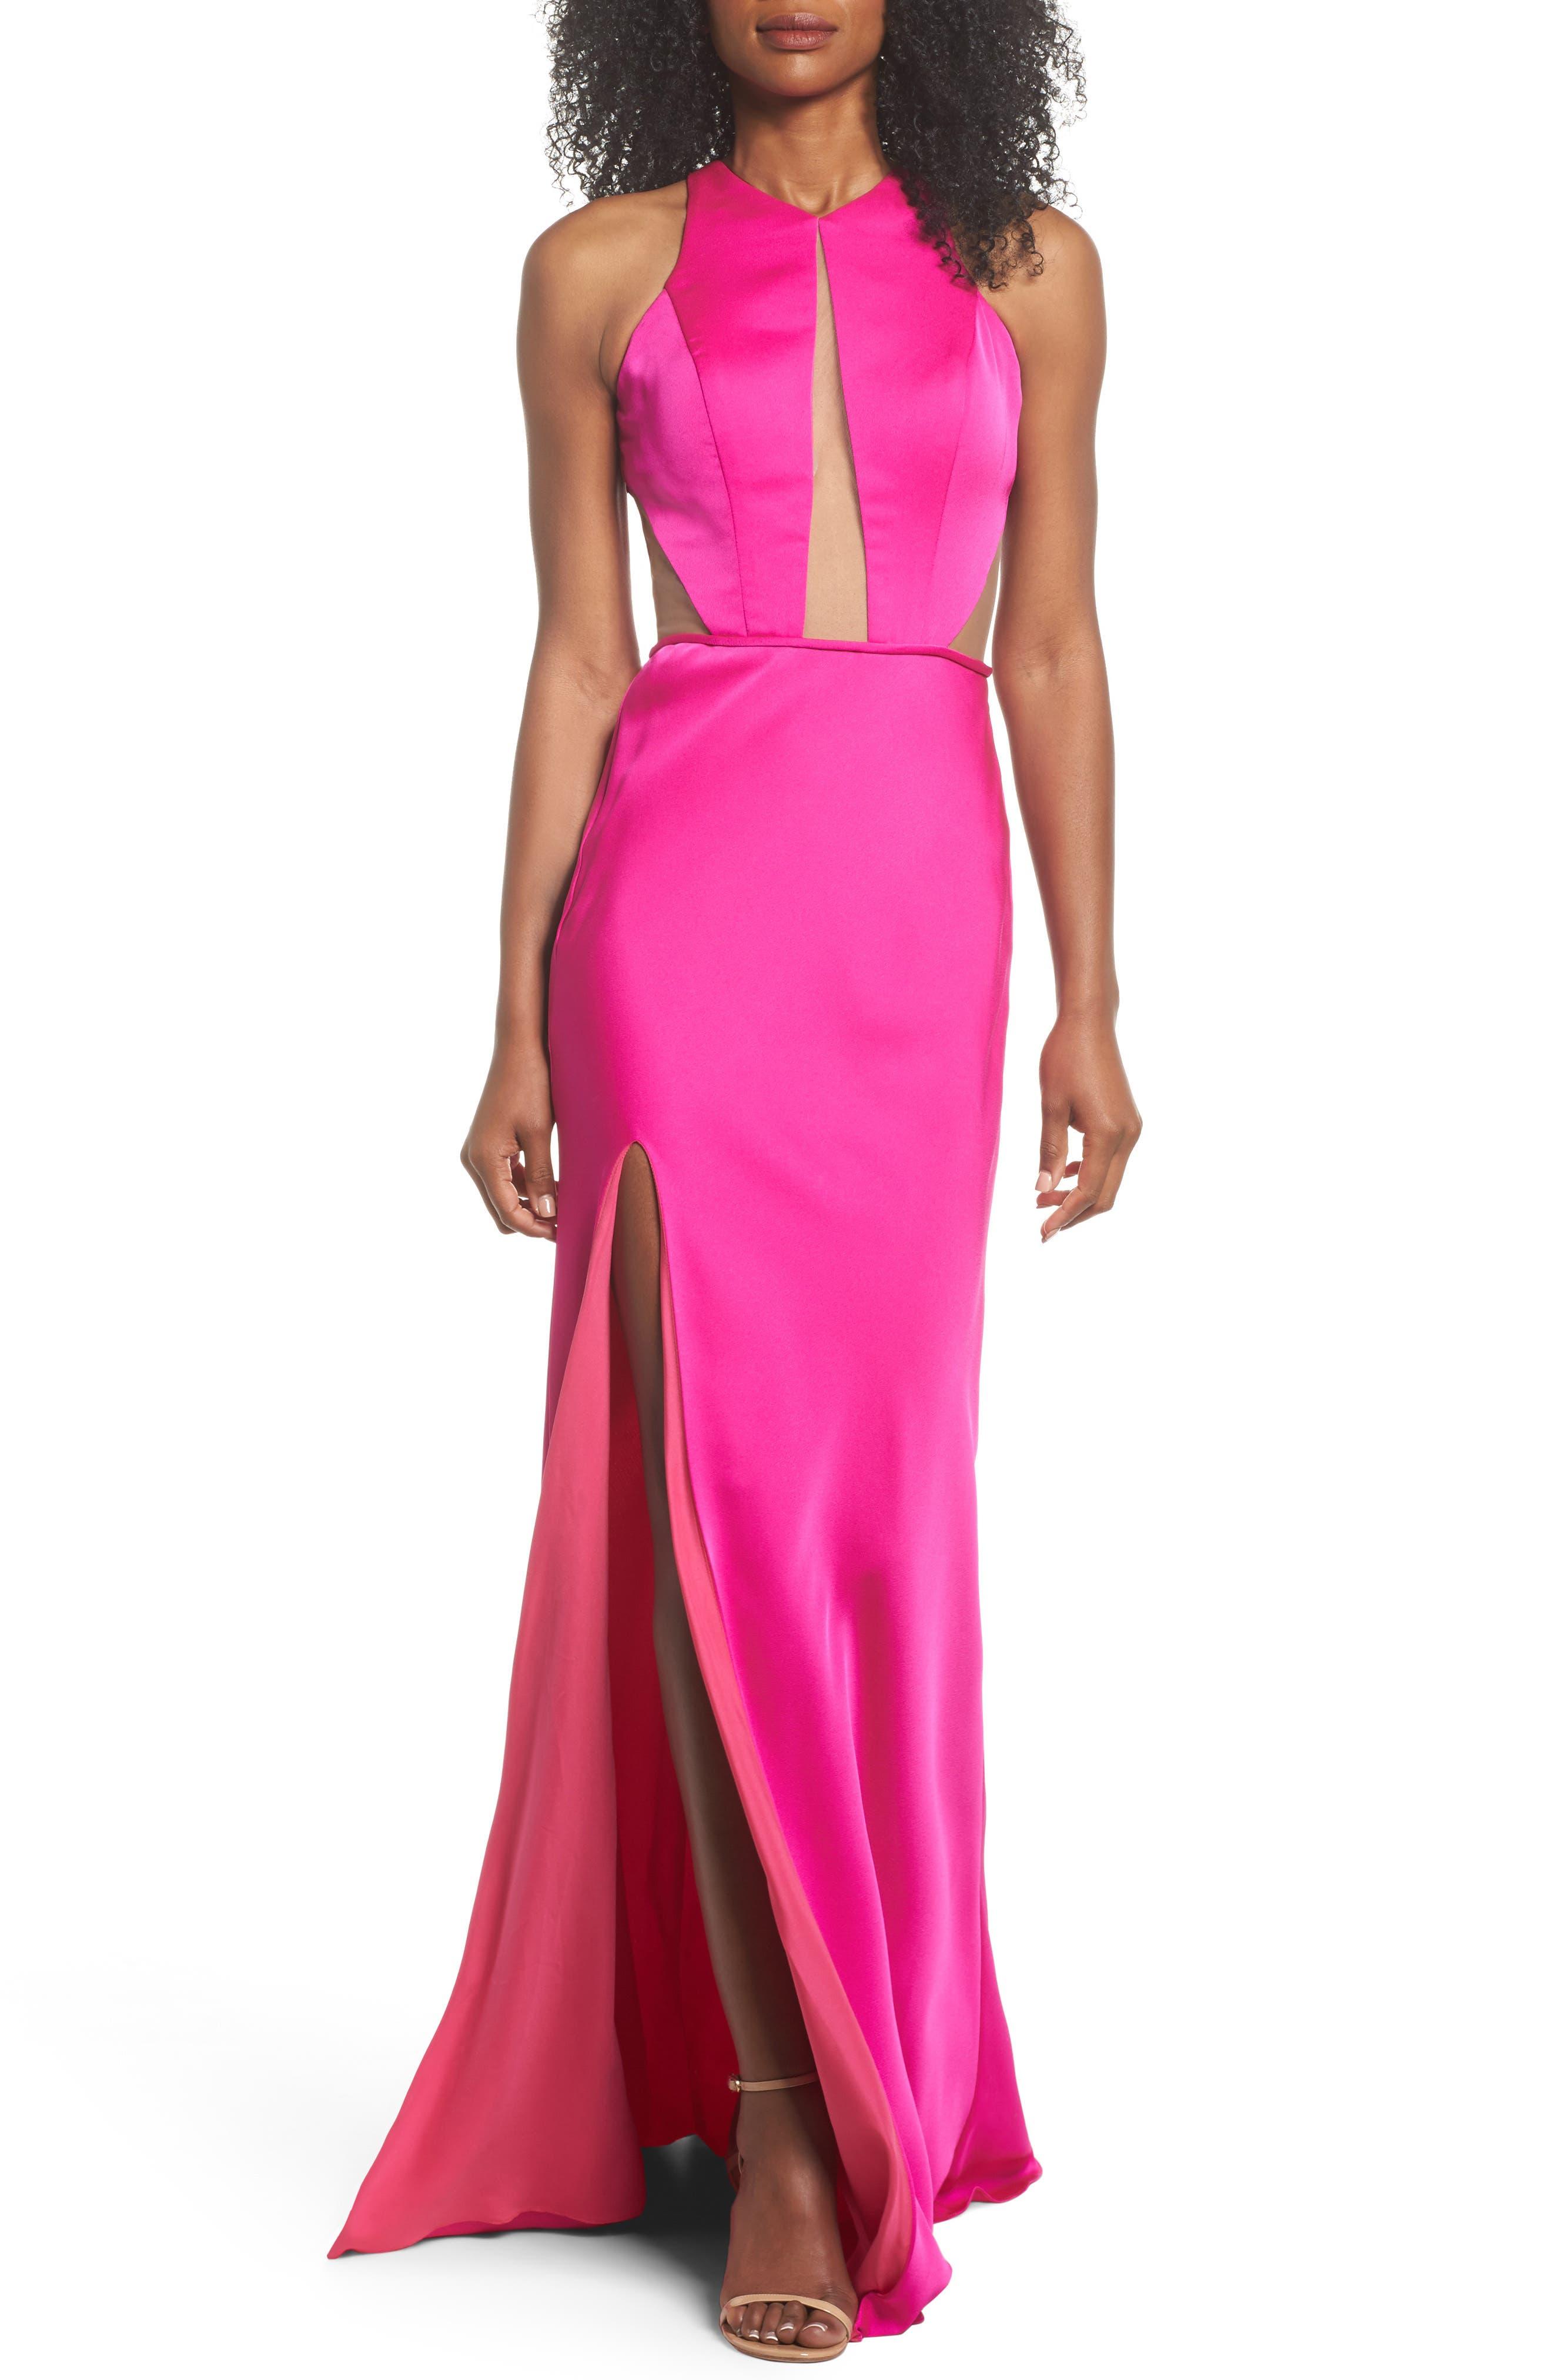 La Femme Cutout Detail Satin Gown, Pink